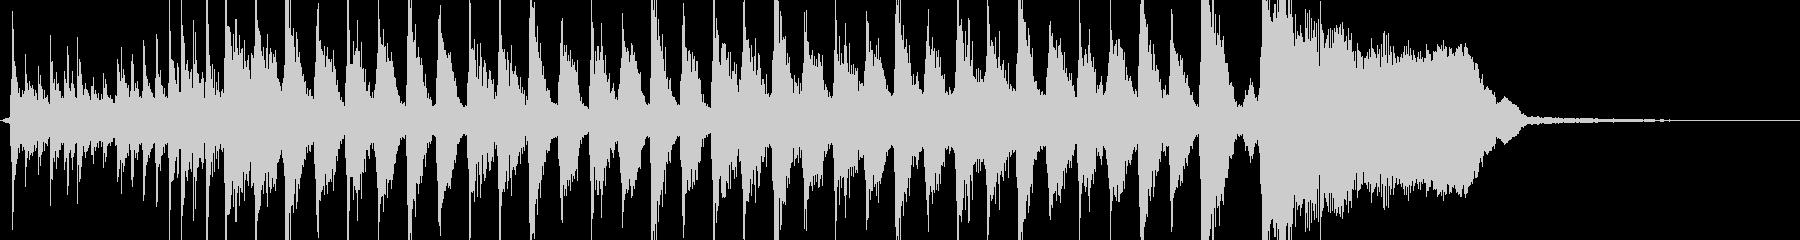 ユーモラスで短い「バットマン」テー...の未再生の波形